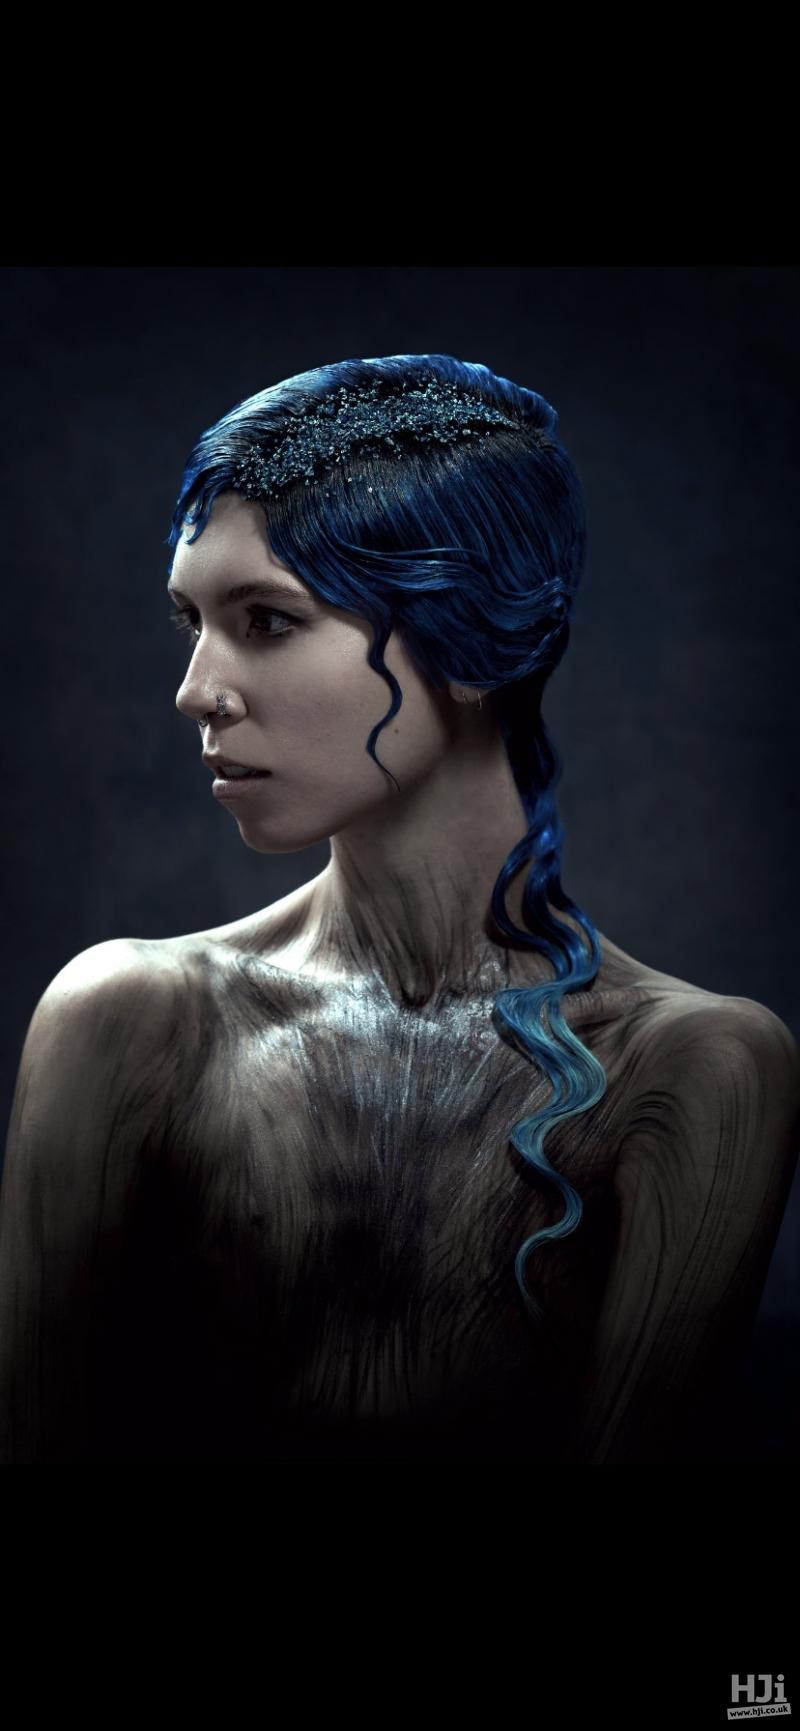 Deep blue updo